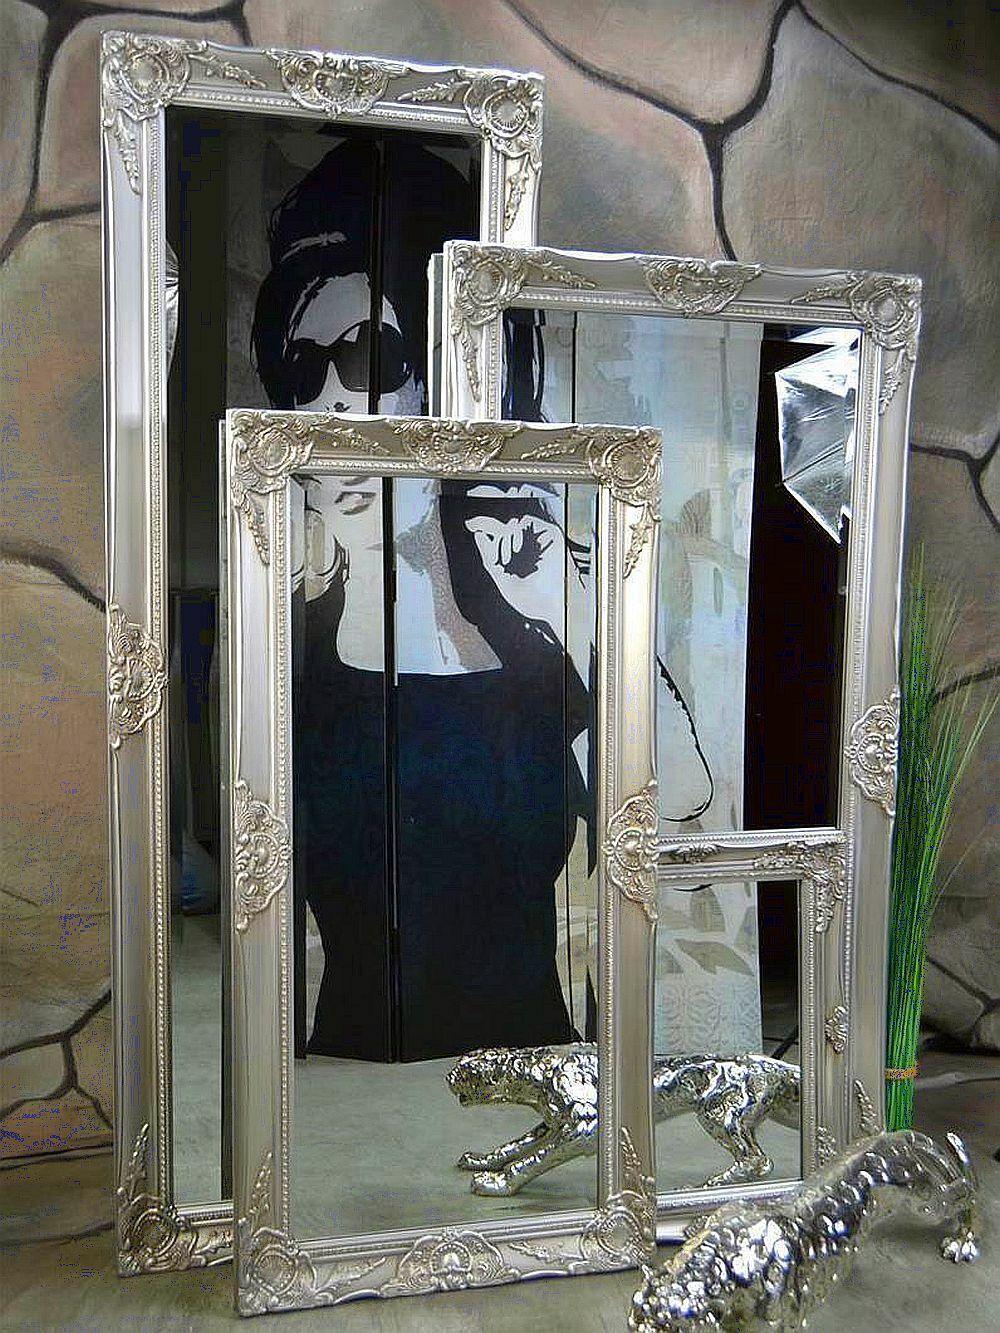 Wandspiegel Badspiegel Spiegel barock antik Silber Landhaus Rokoko 140 x 50cm